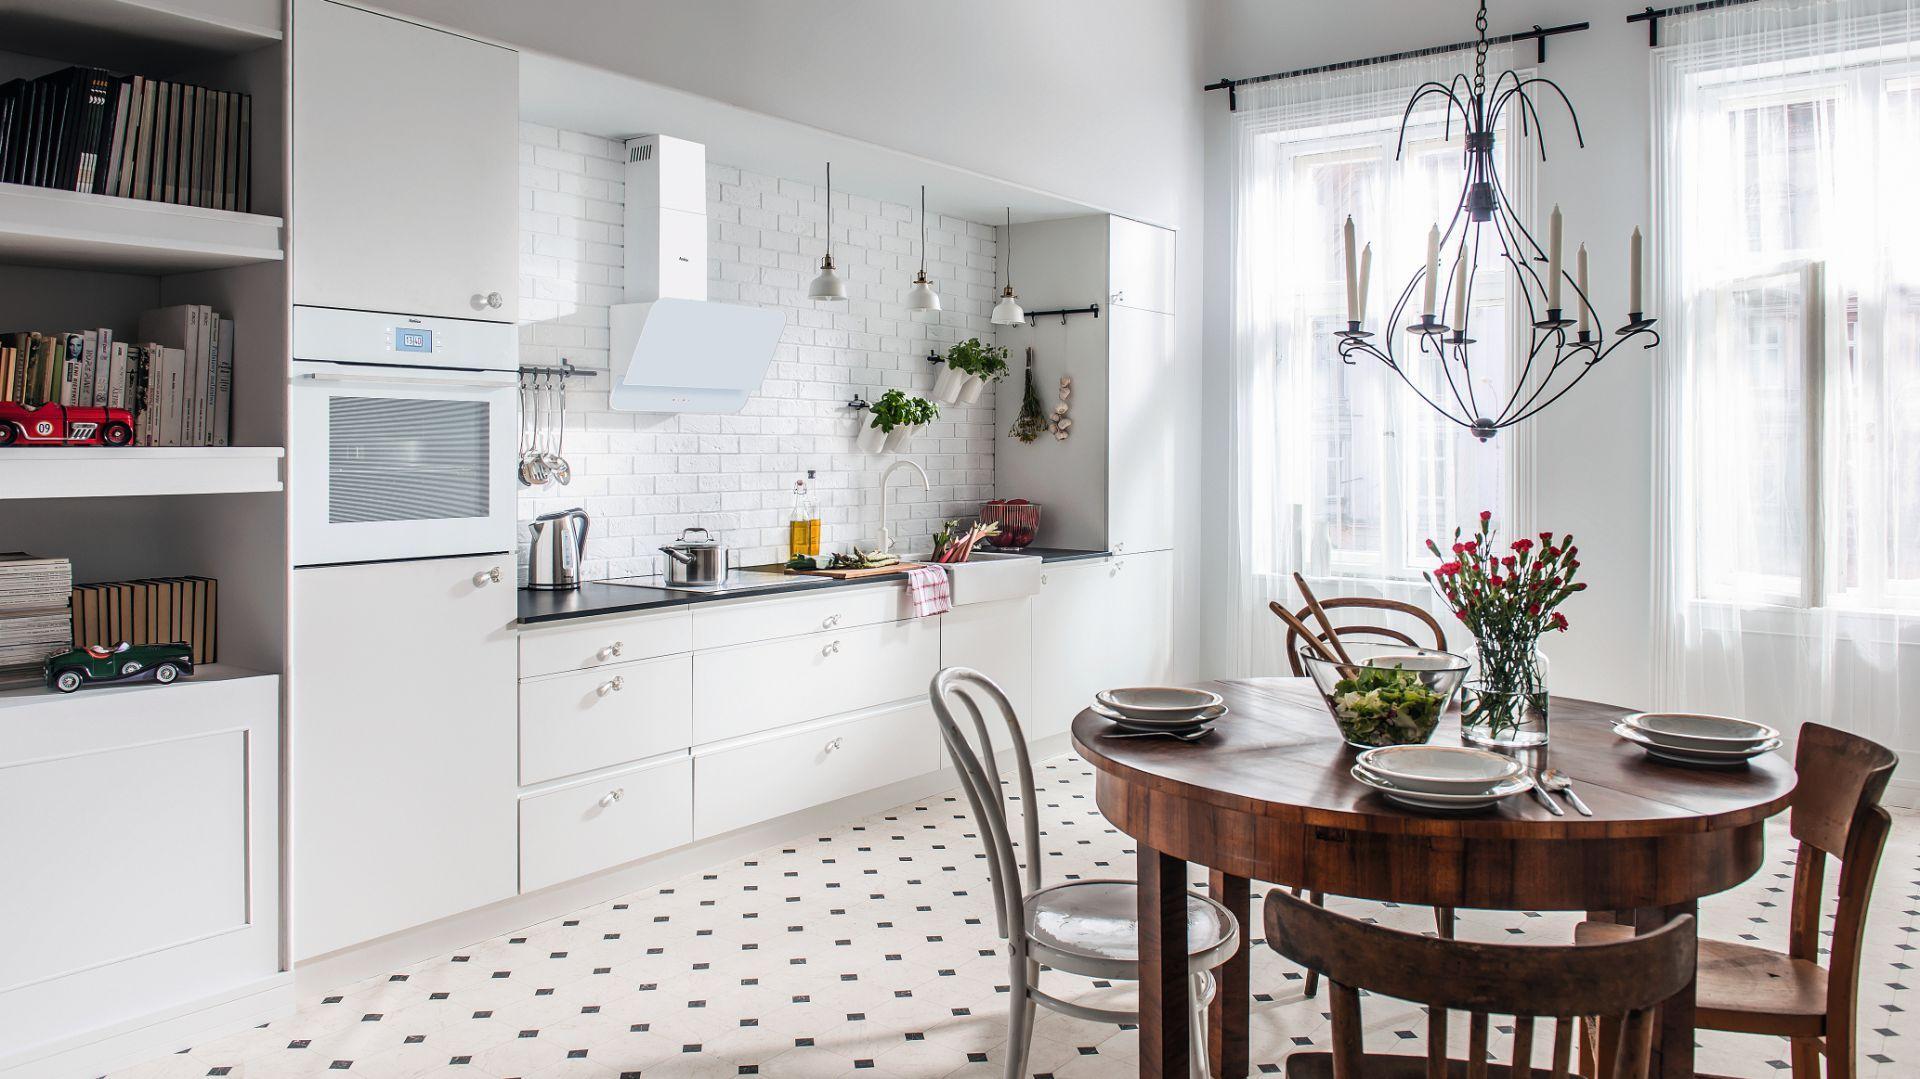 Nowoczesna Kuchnia Wybieramy Sprzet Agd Home Decor Furniture Interior